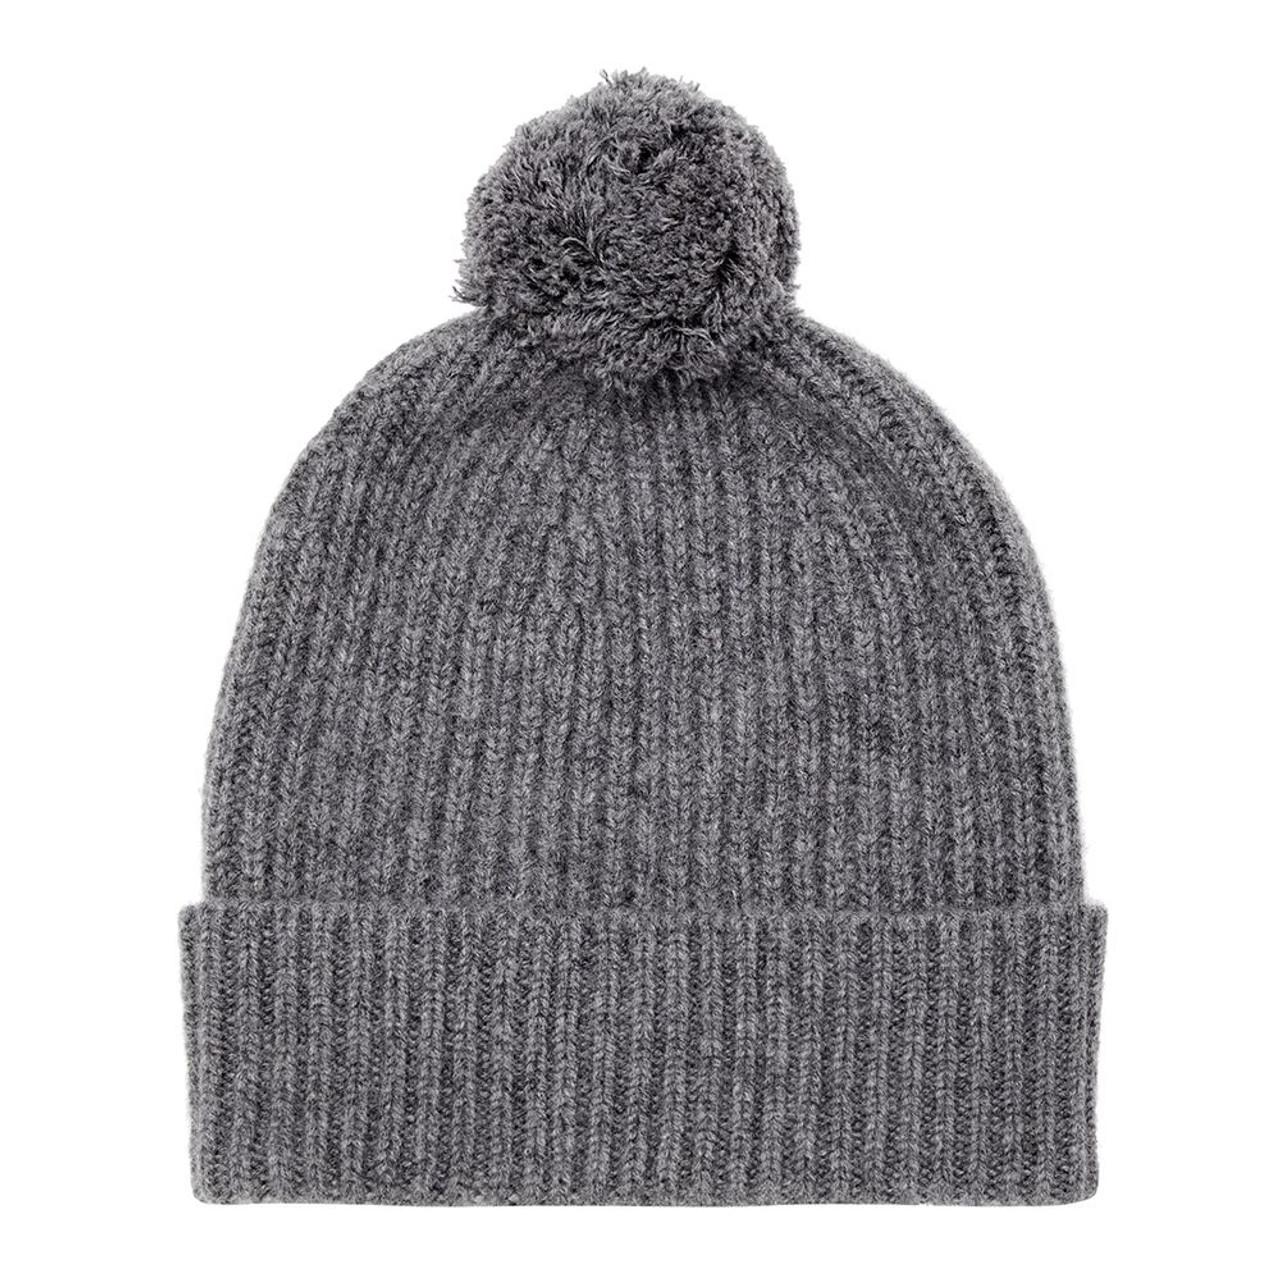 47dec643f212f Cashmere Bobble Hat, Charcoal - Cashmere